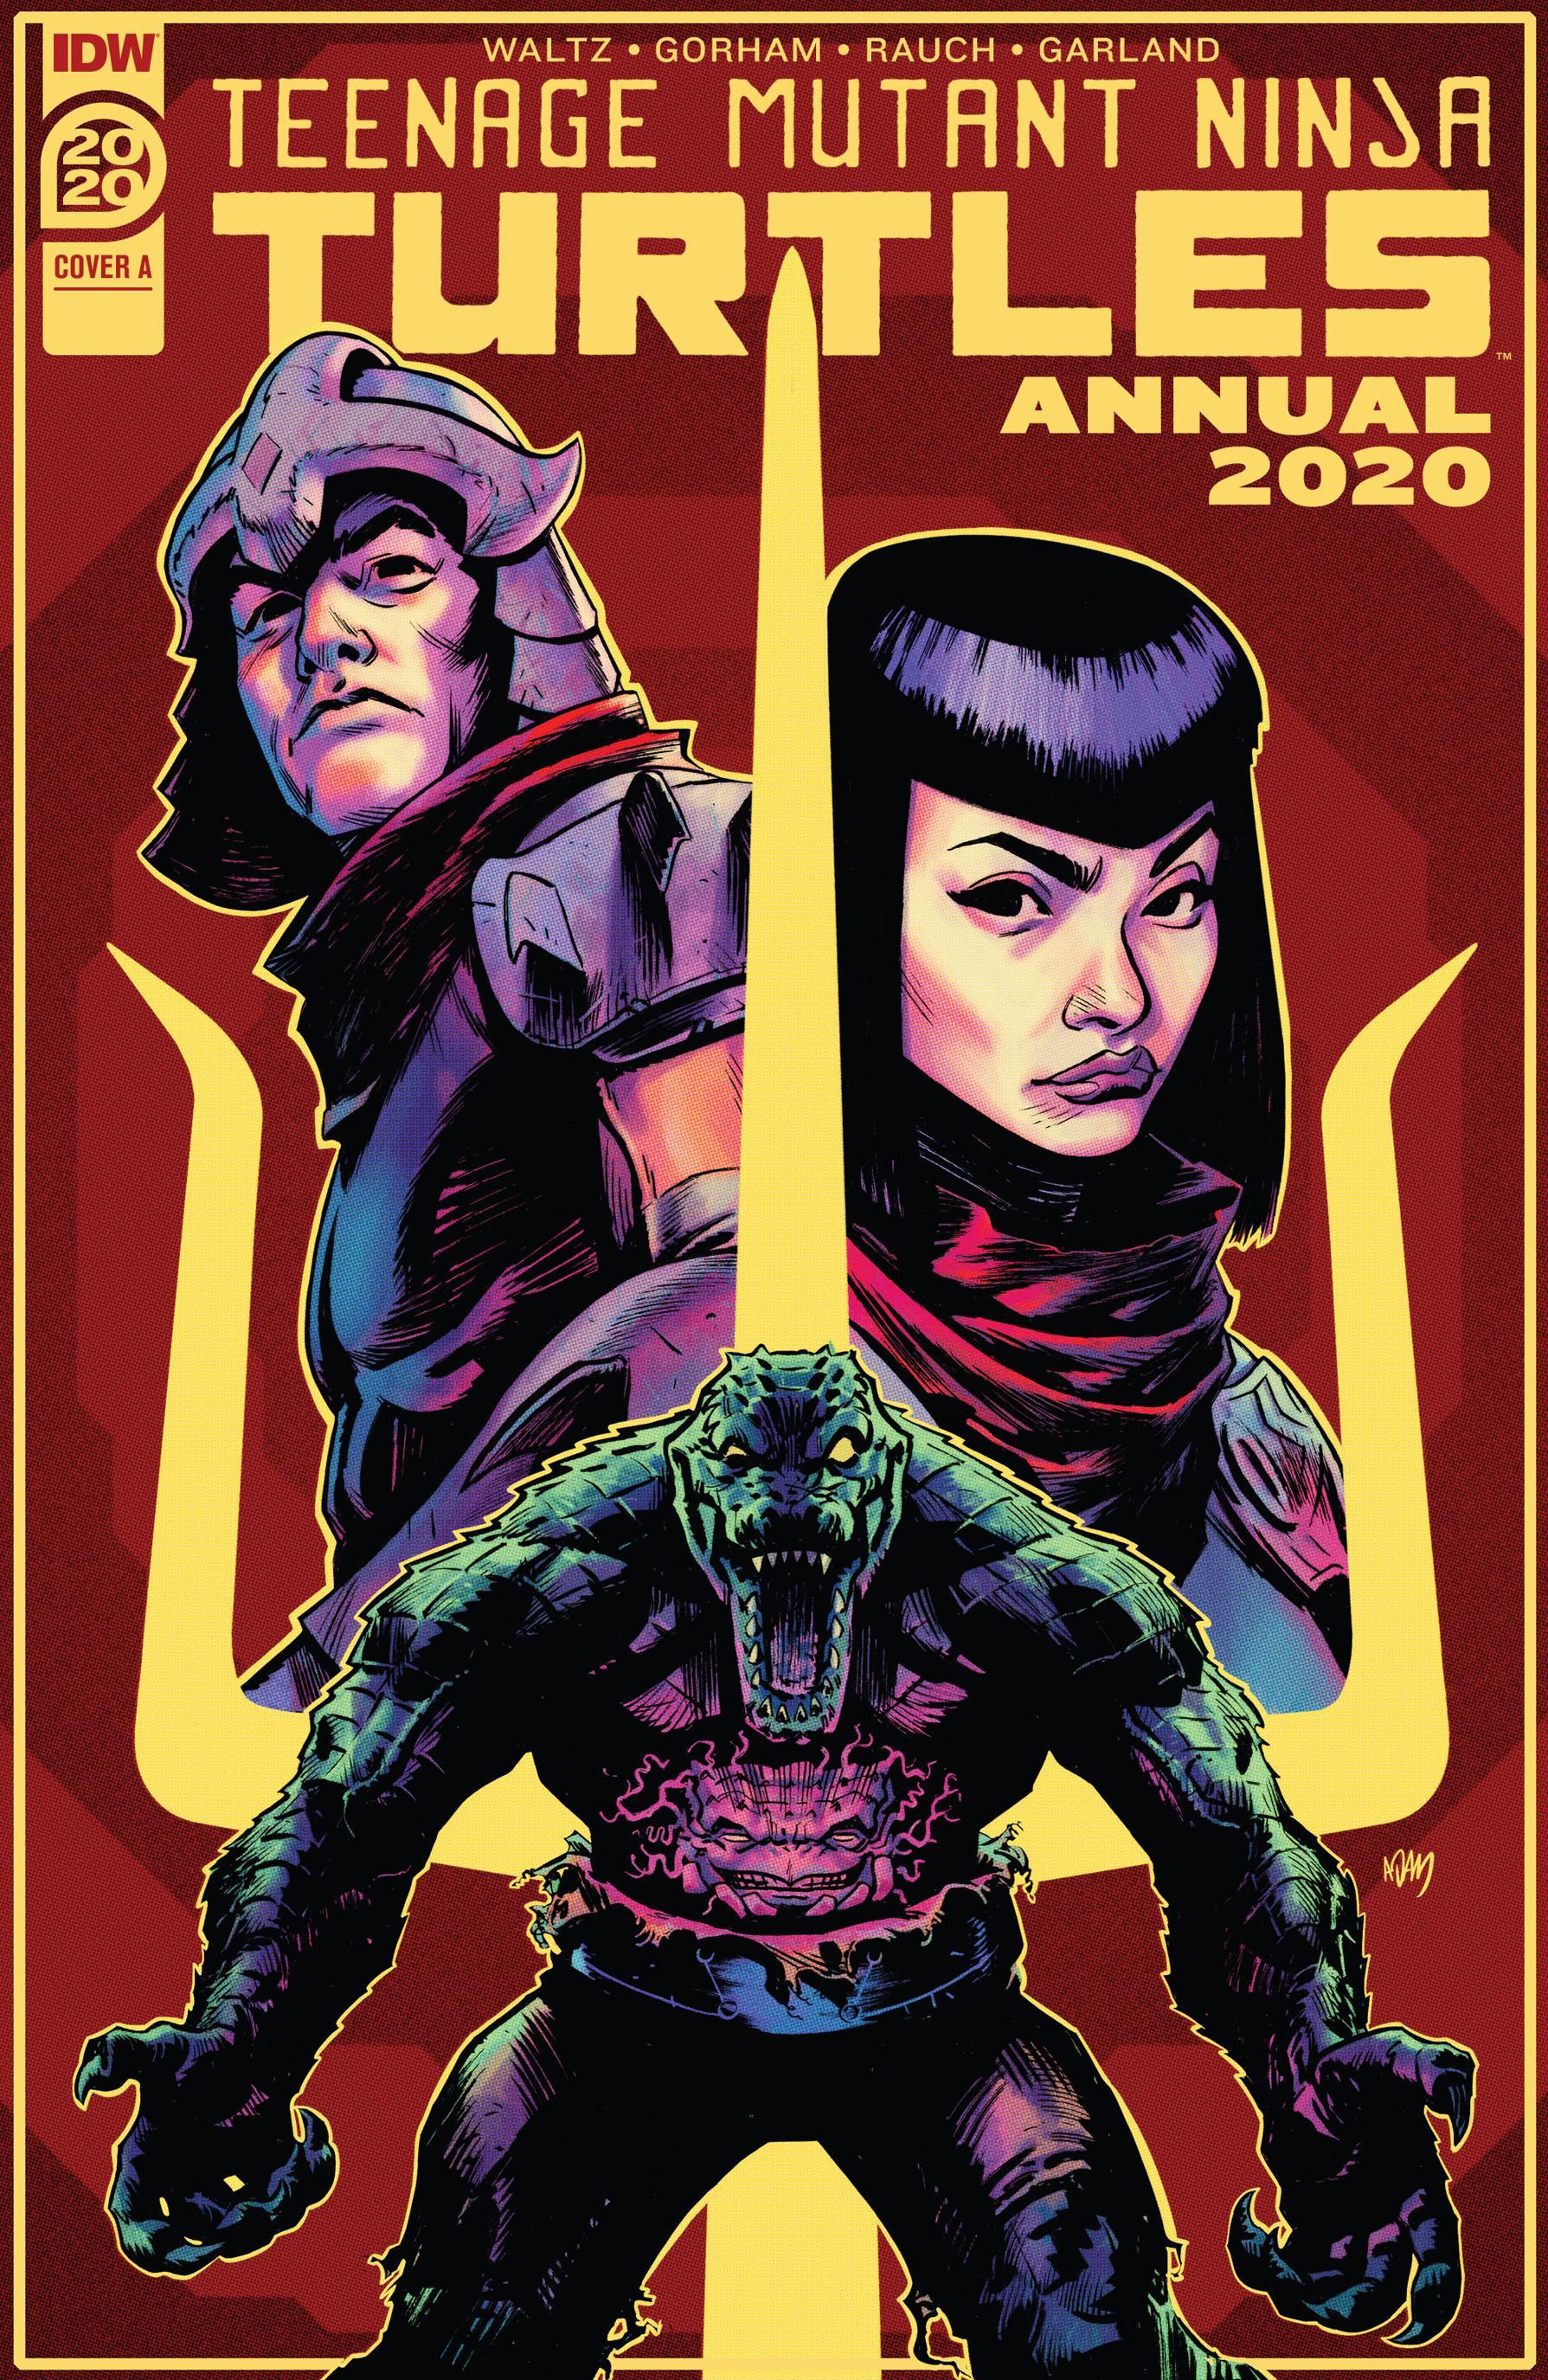 Teenage Mutant Ninja Turtles Annual 2020 2020 Digital BlackManta